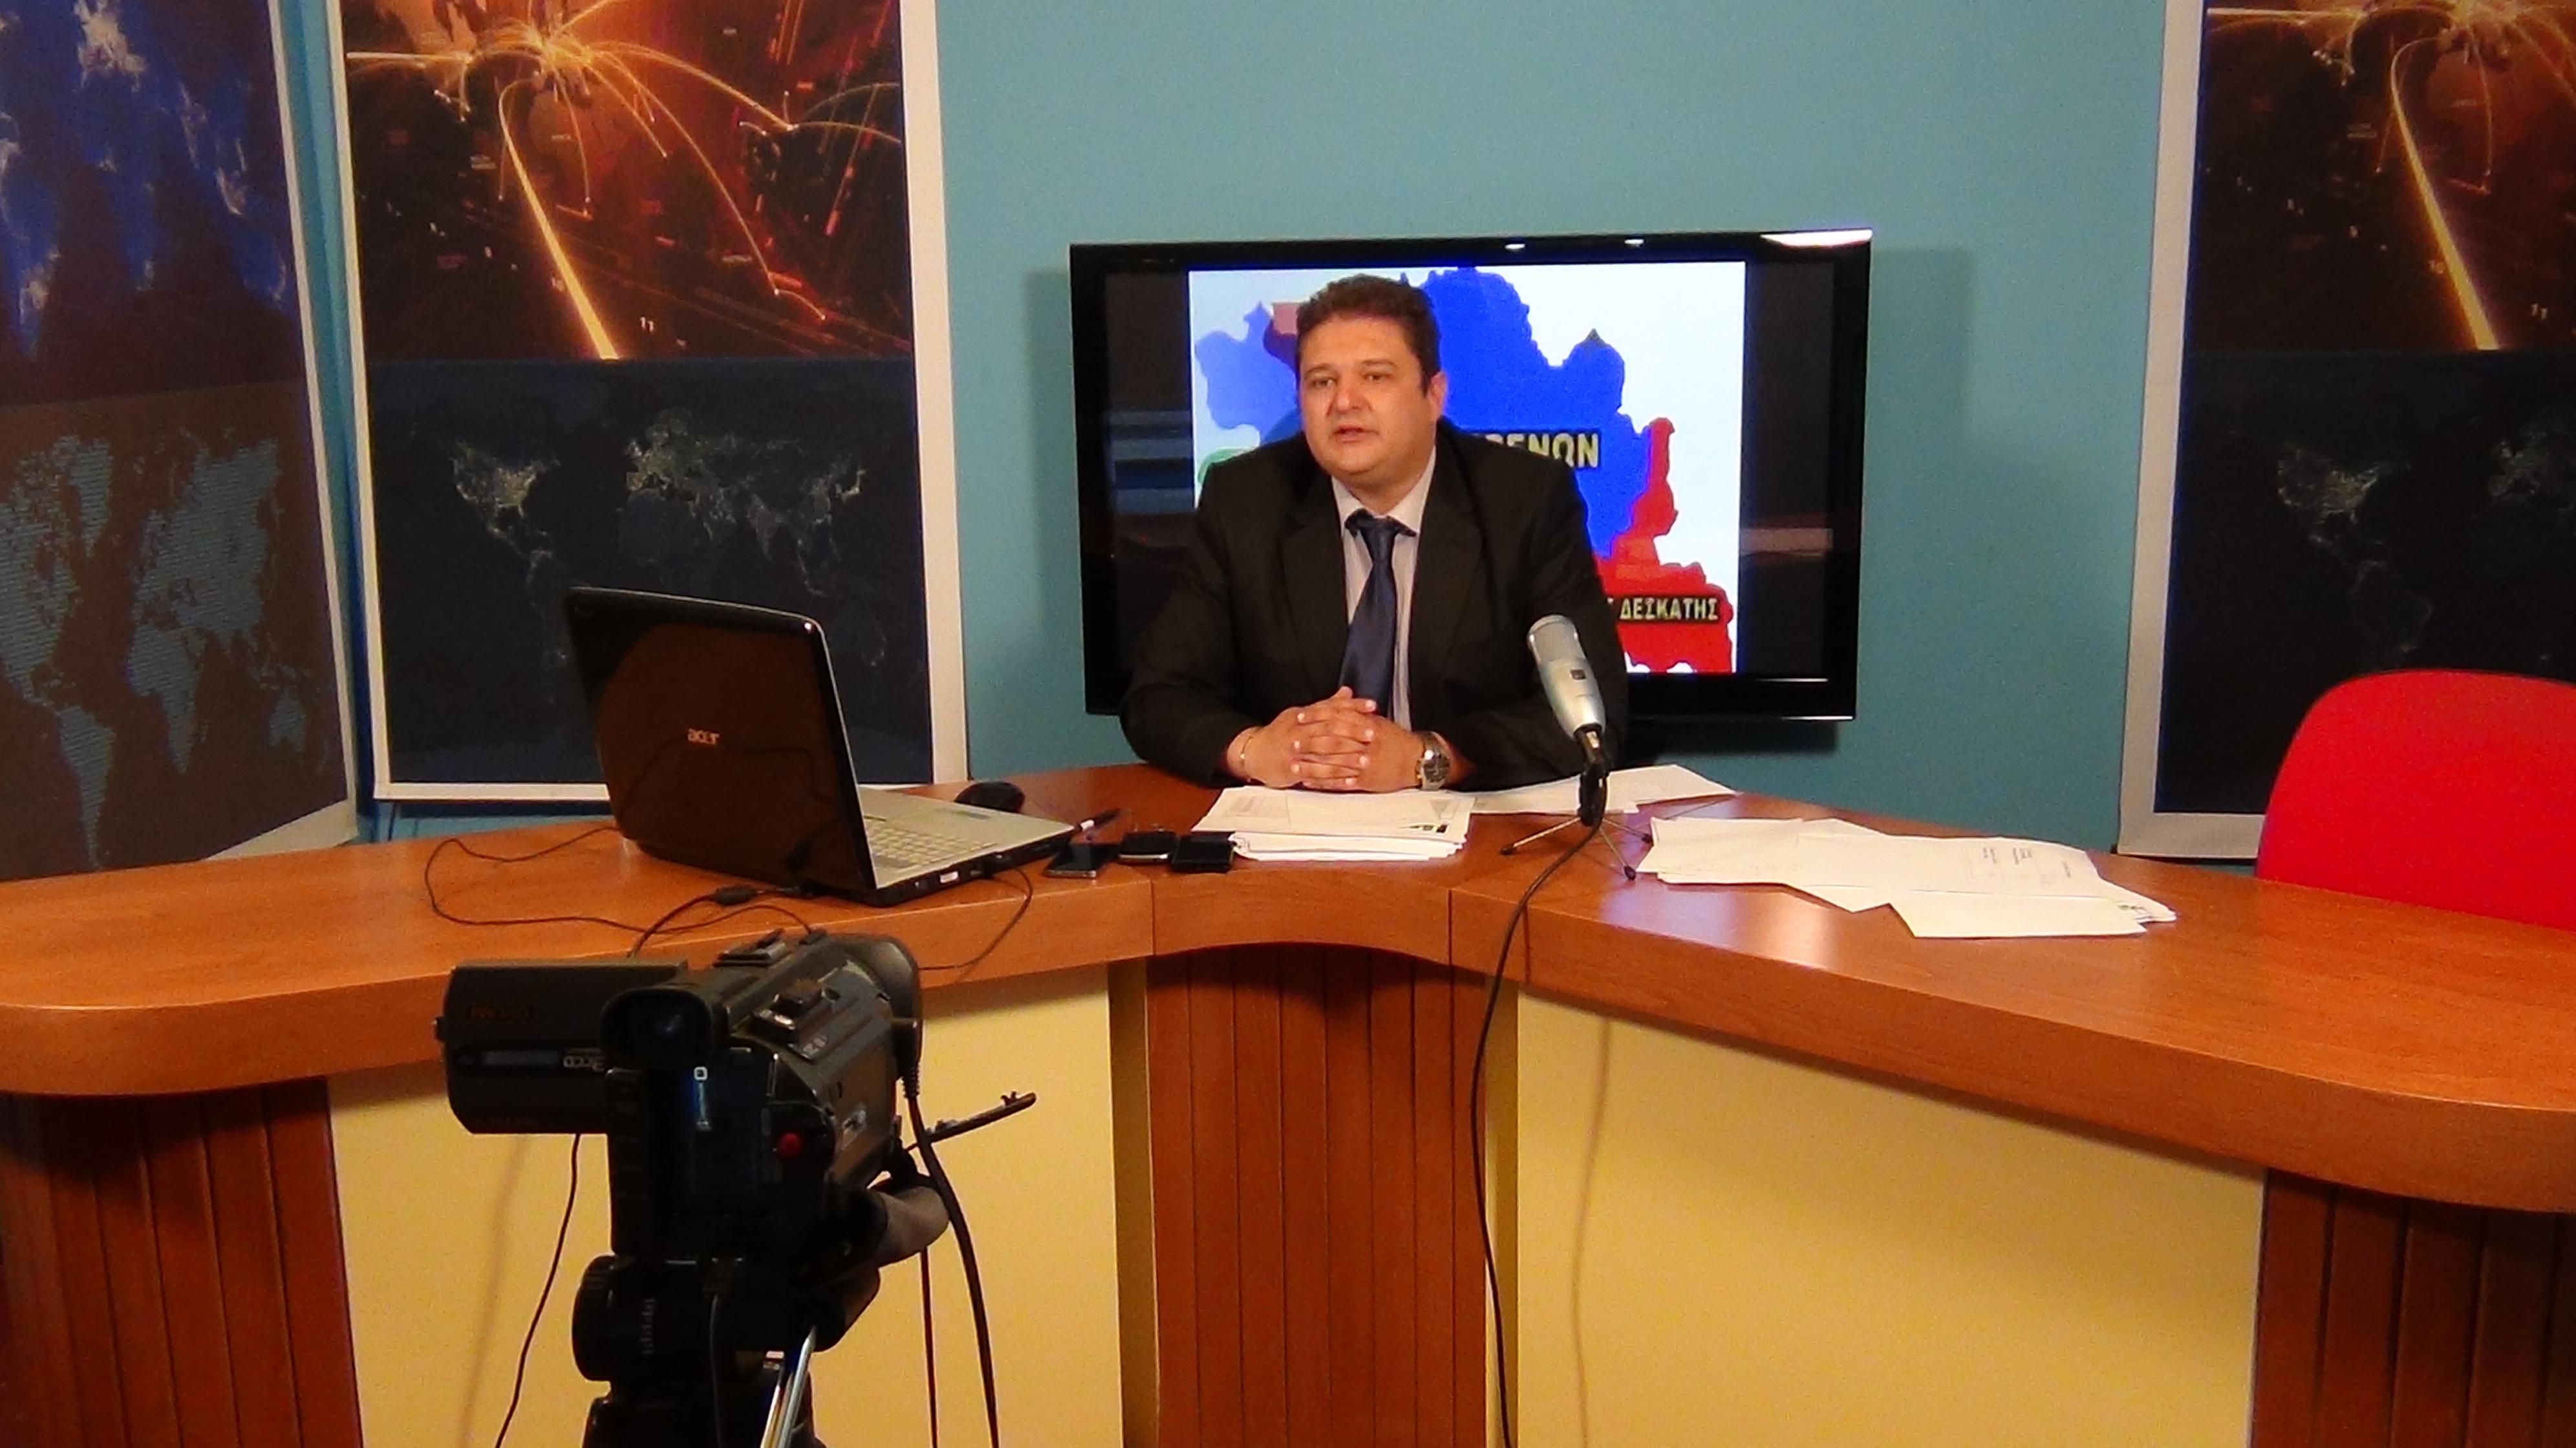 Κανάλι 28 : LIVE Μετάδοση των  Αποτελεσμάτων των Περιφερειακών Εκλογών